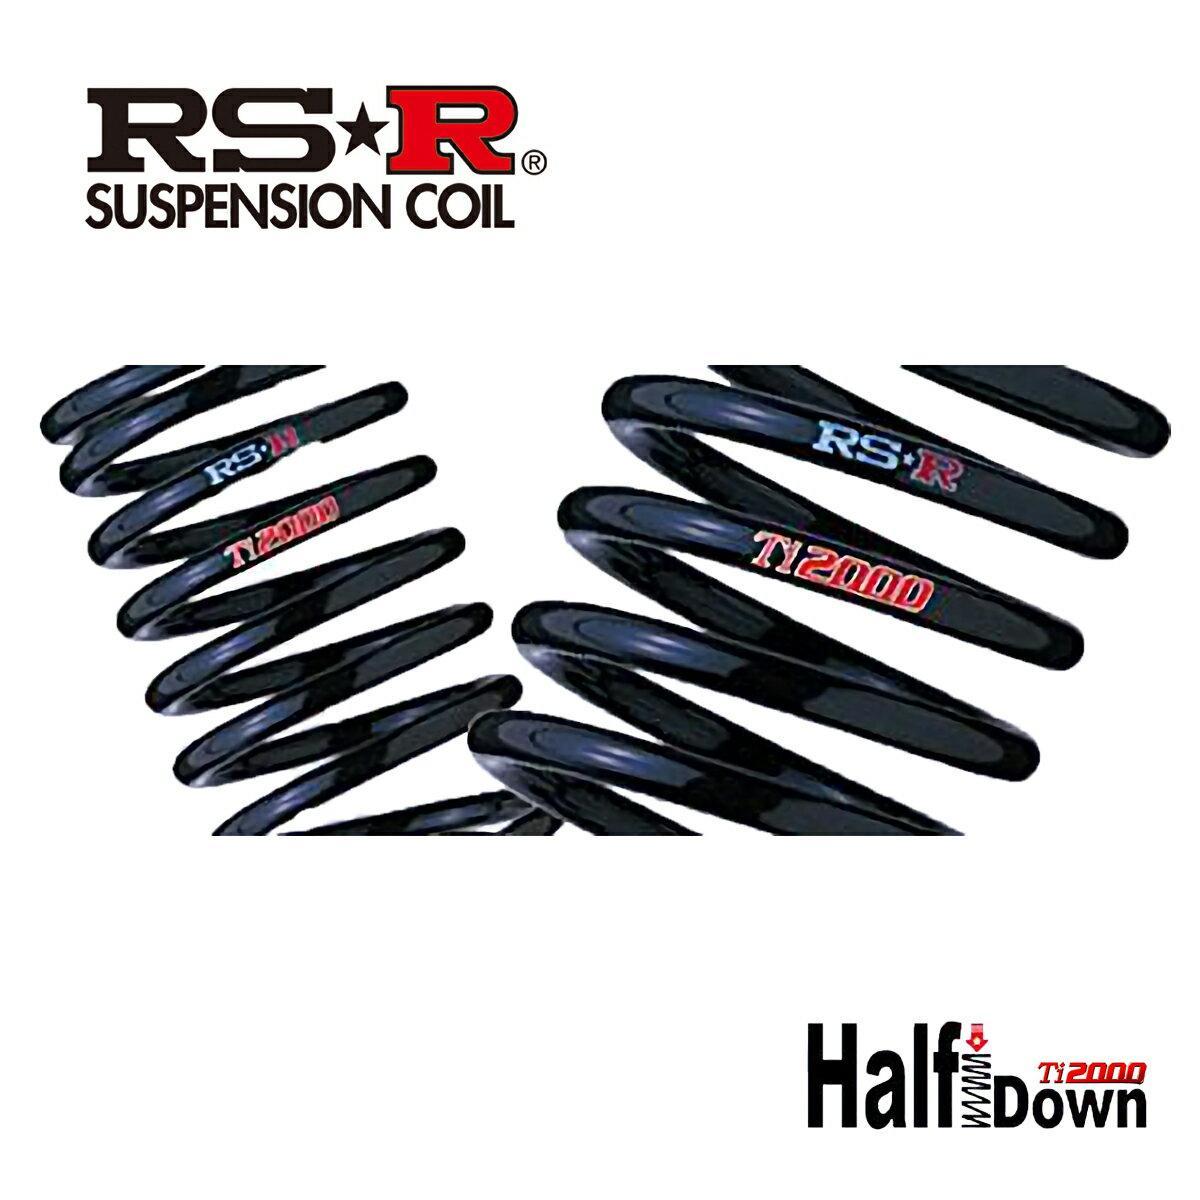 RS-R アルト F HA36S ダウンサス スプリング リアのみ S021THDR Ti2000 ハーフダウン RSR 個人宅発送追金有